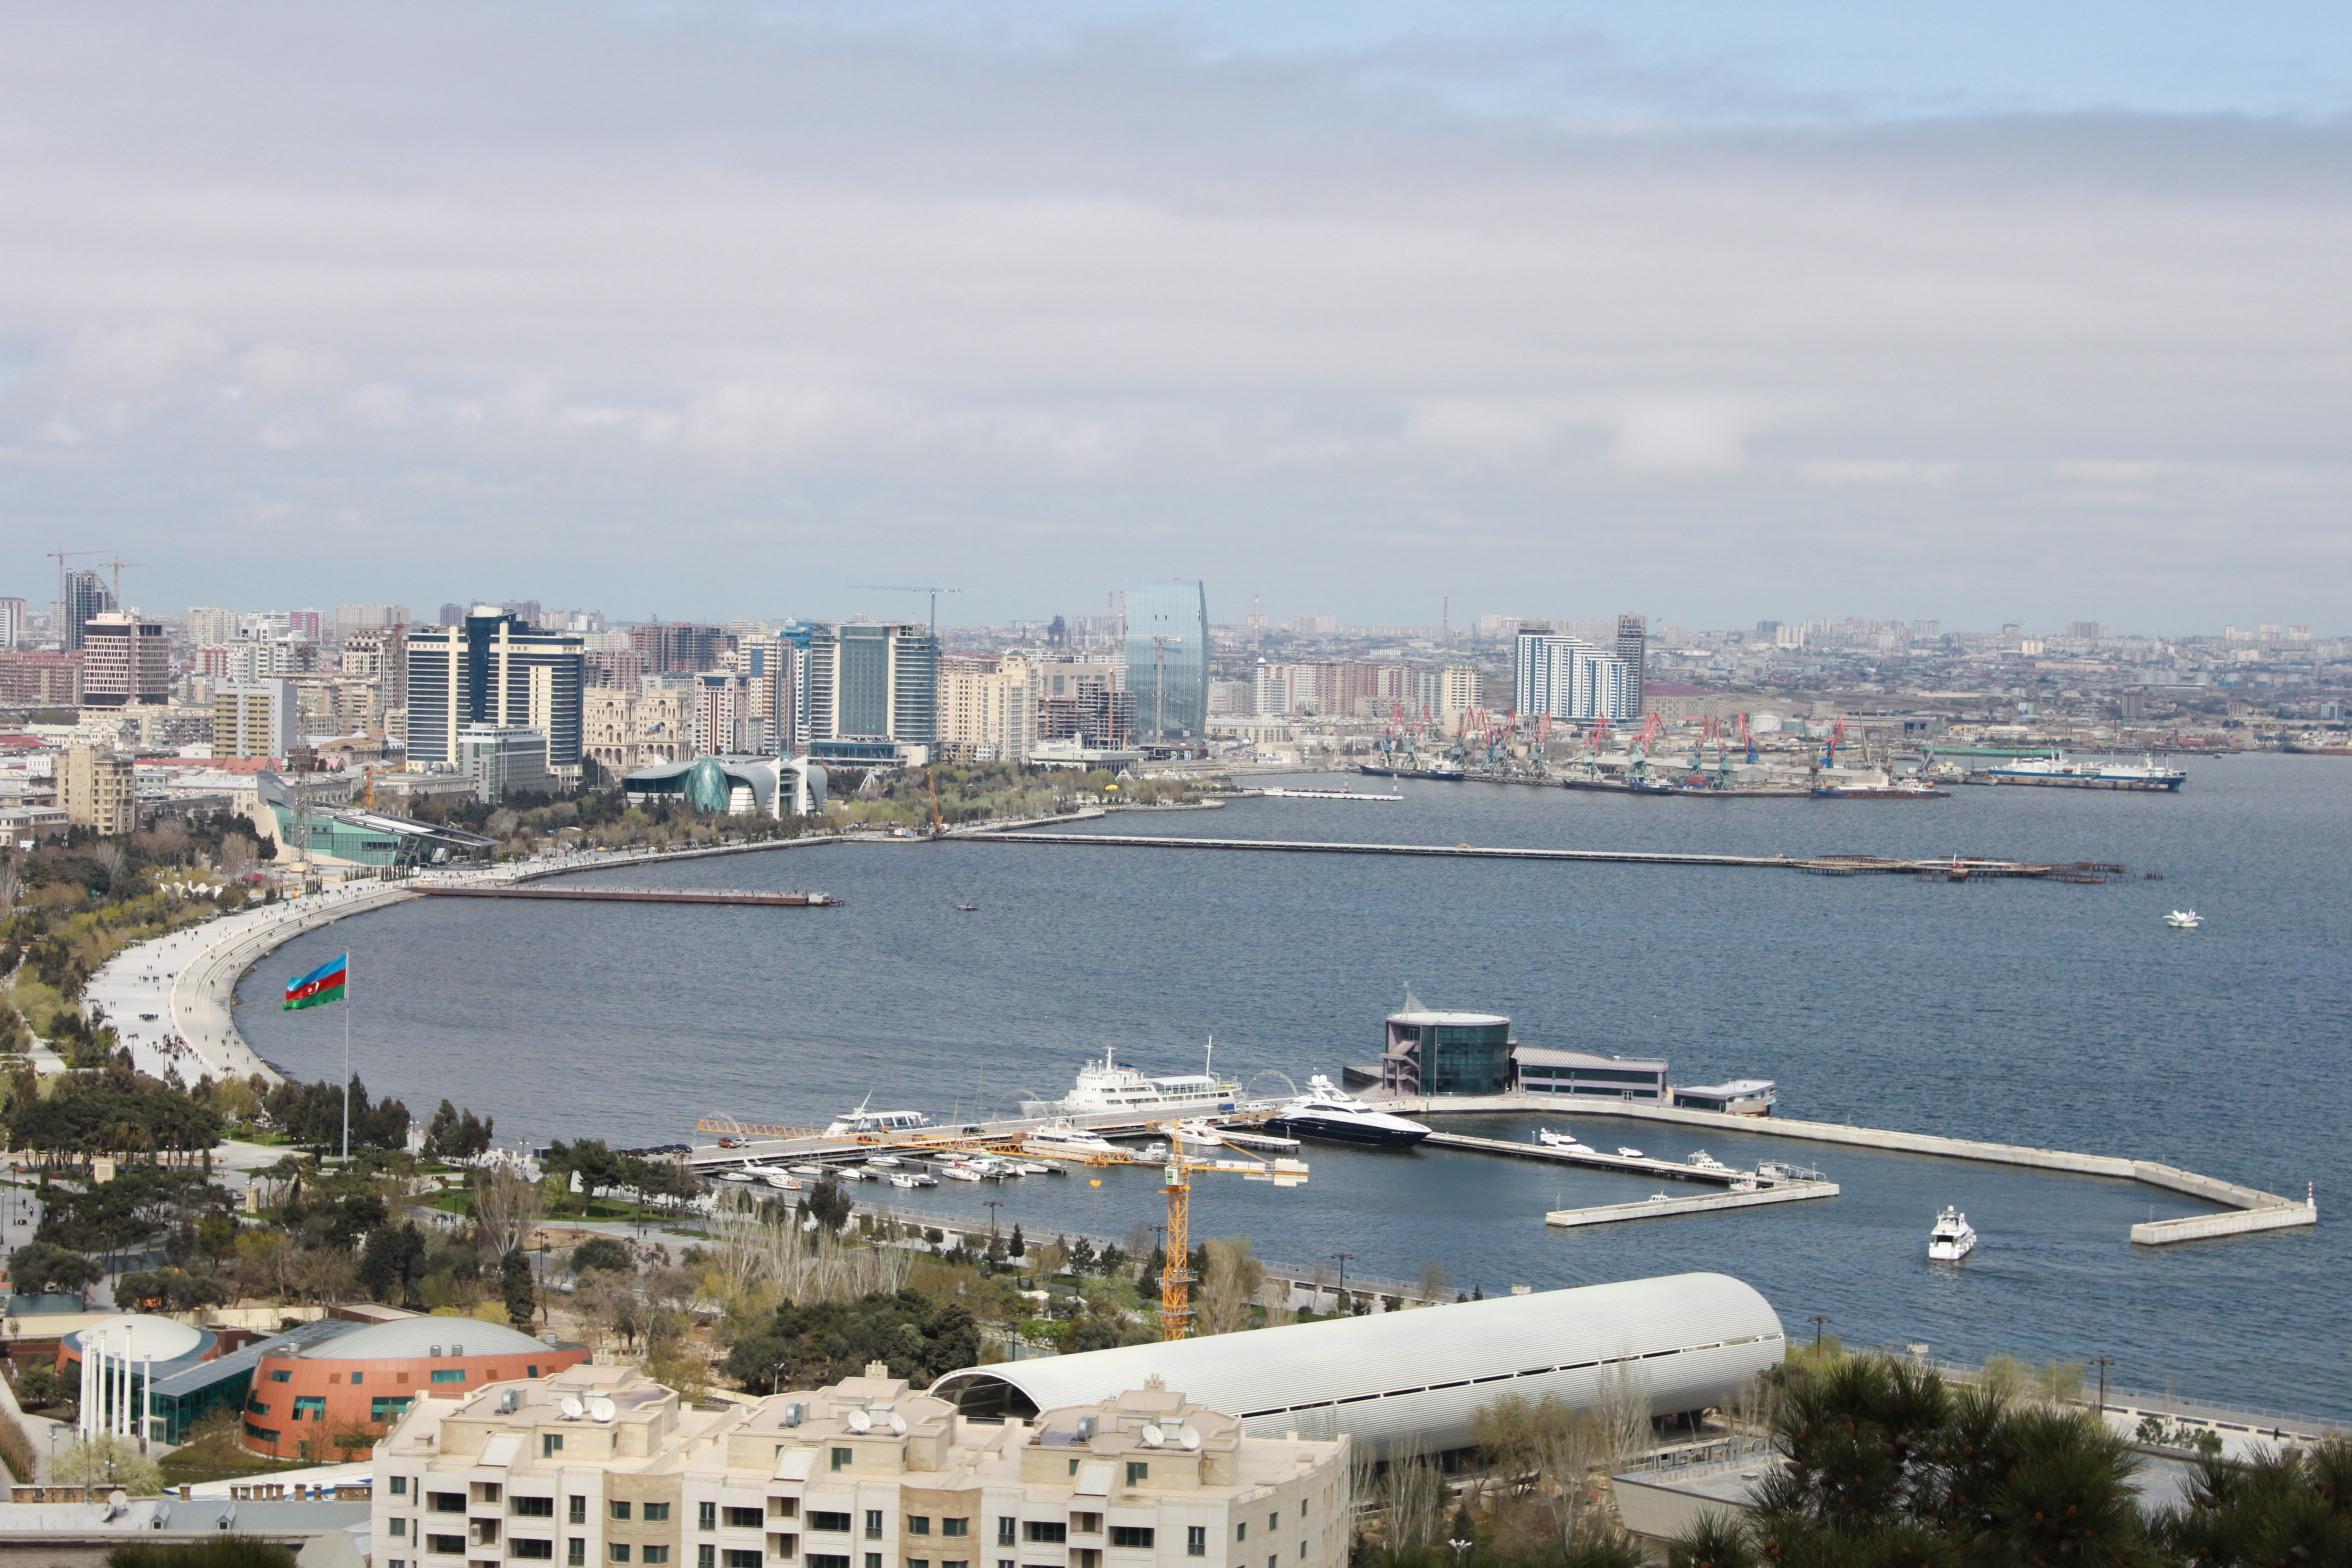 В Баку состоялся круглый стол, посвященный 25-летию установления дипотношений между Азербайджаном и Россией